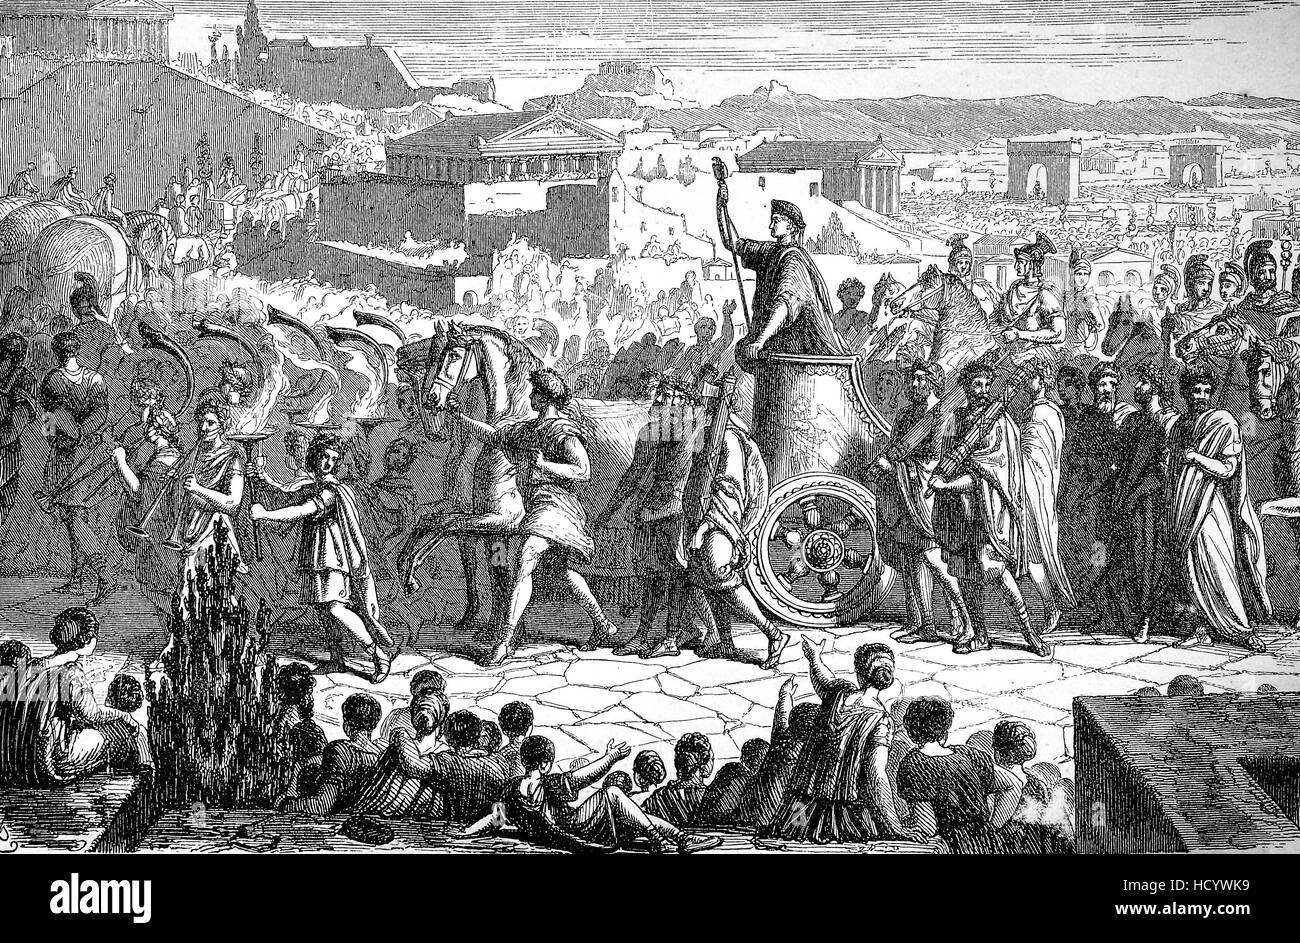 triumphal of Publius Cornelius Scipio Africanus, 236BC - 183 BC, Karthago, the story of the ancient Rome, roman - Stock Image